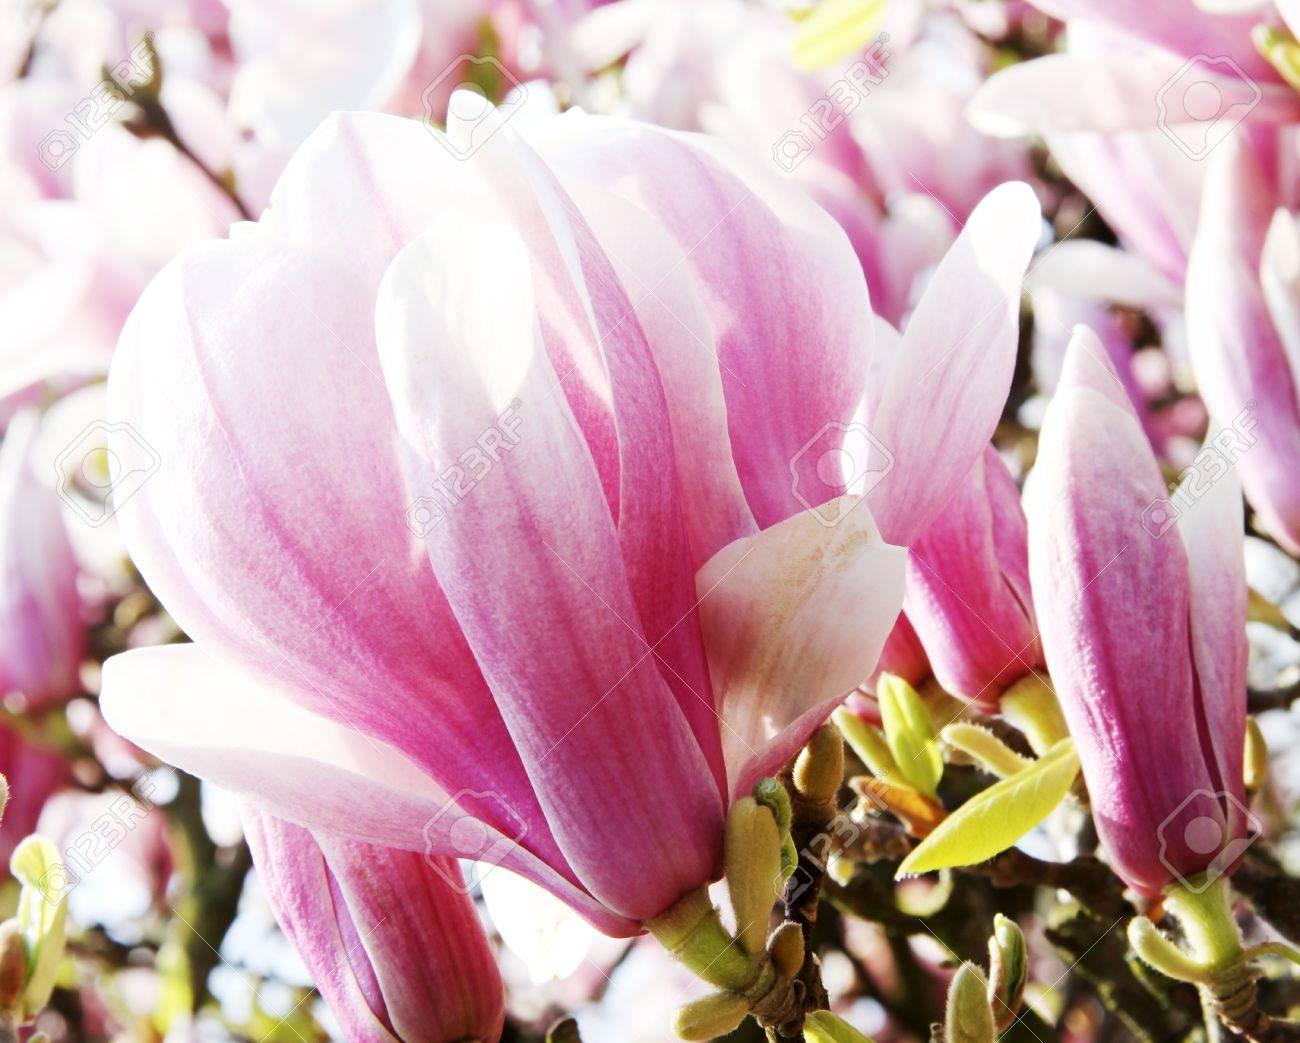 Banque d'images Gros plan de magnolia Rose arbre fleurs